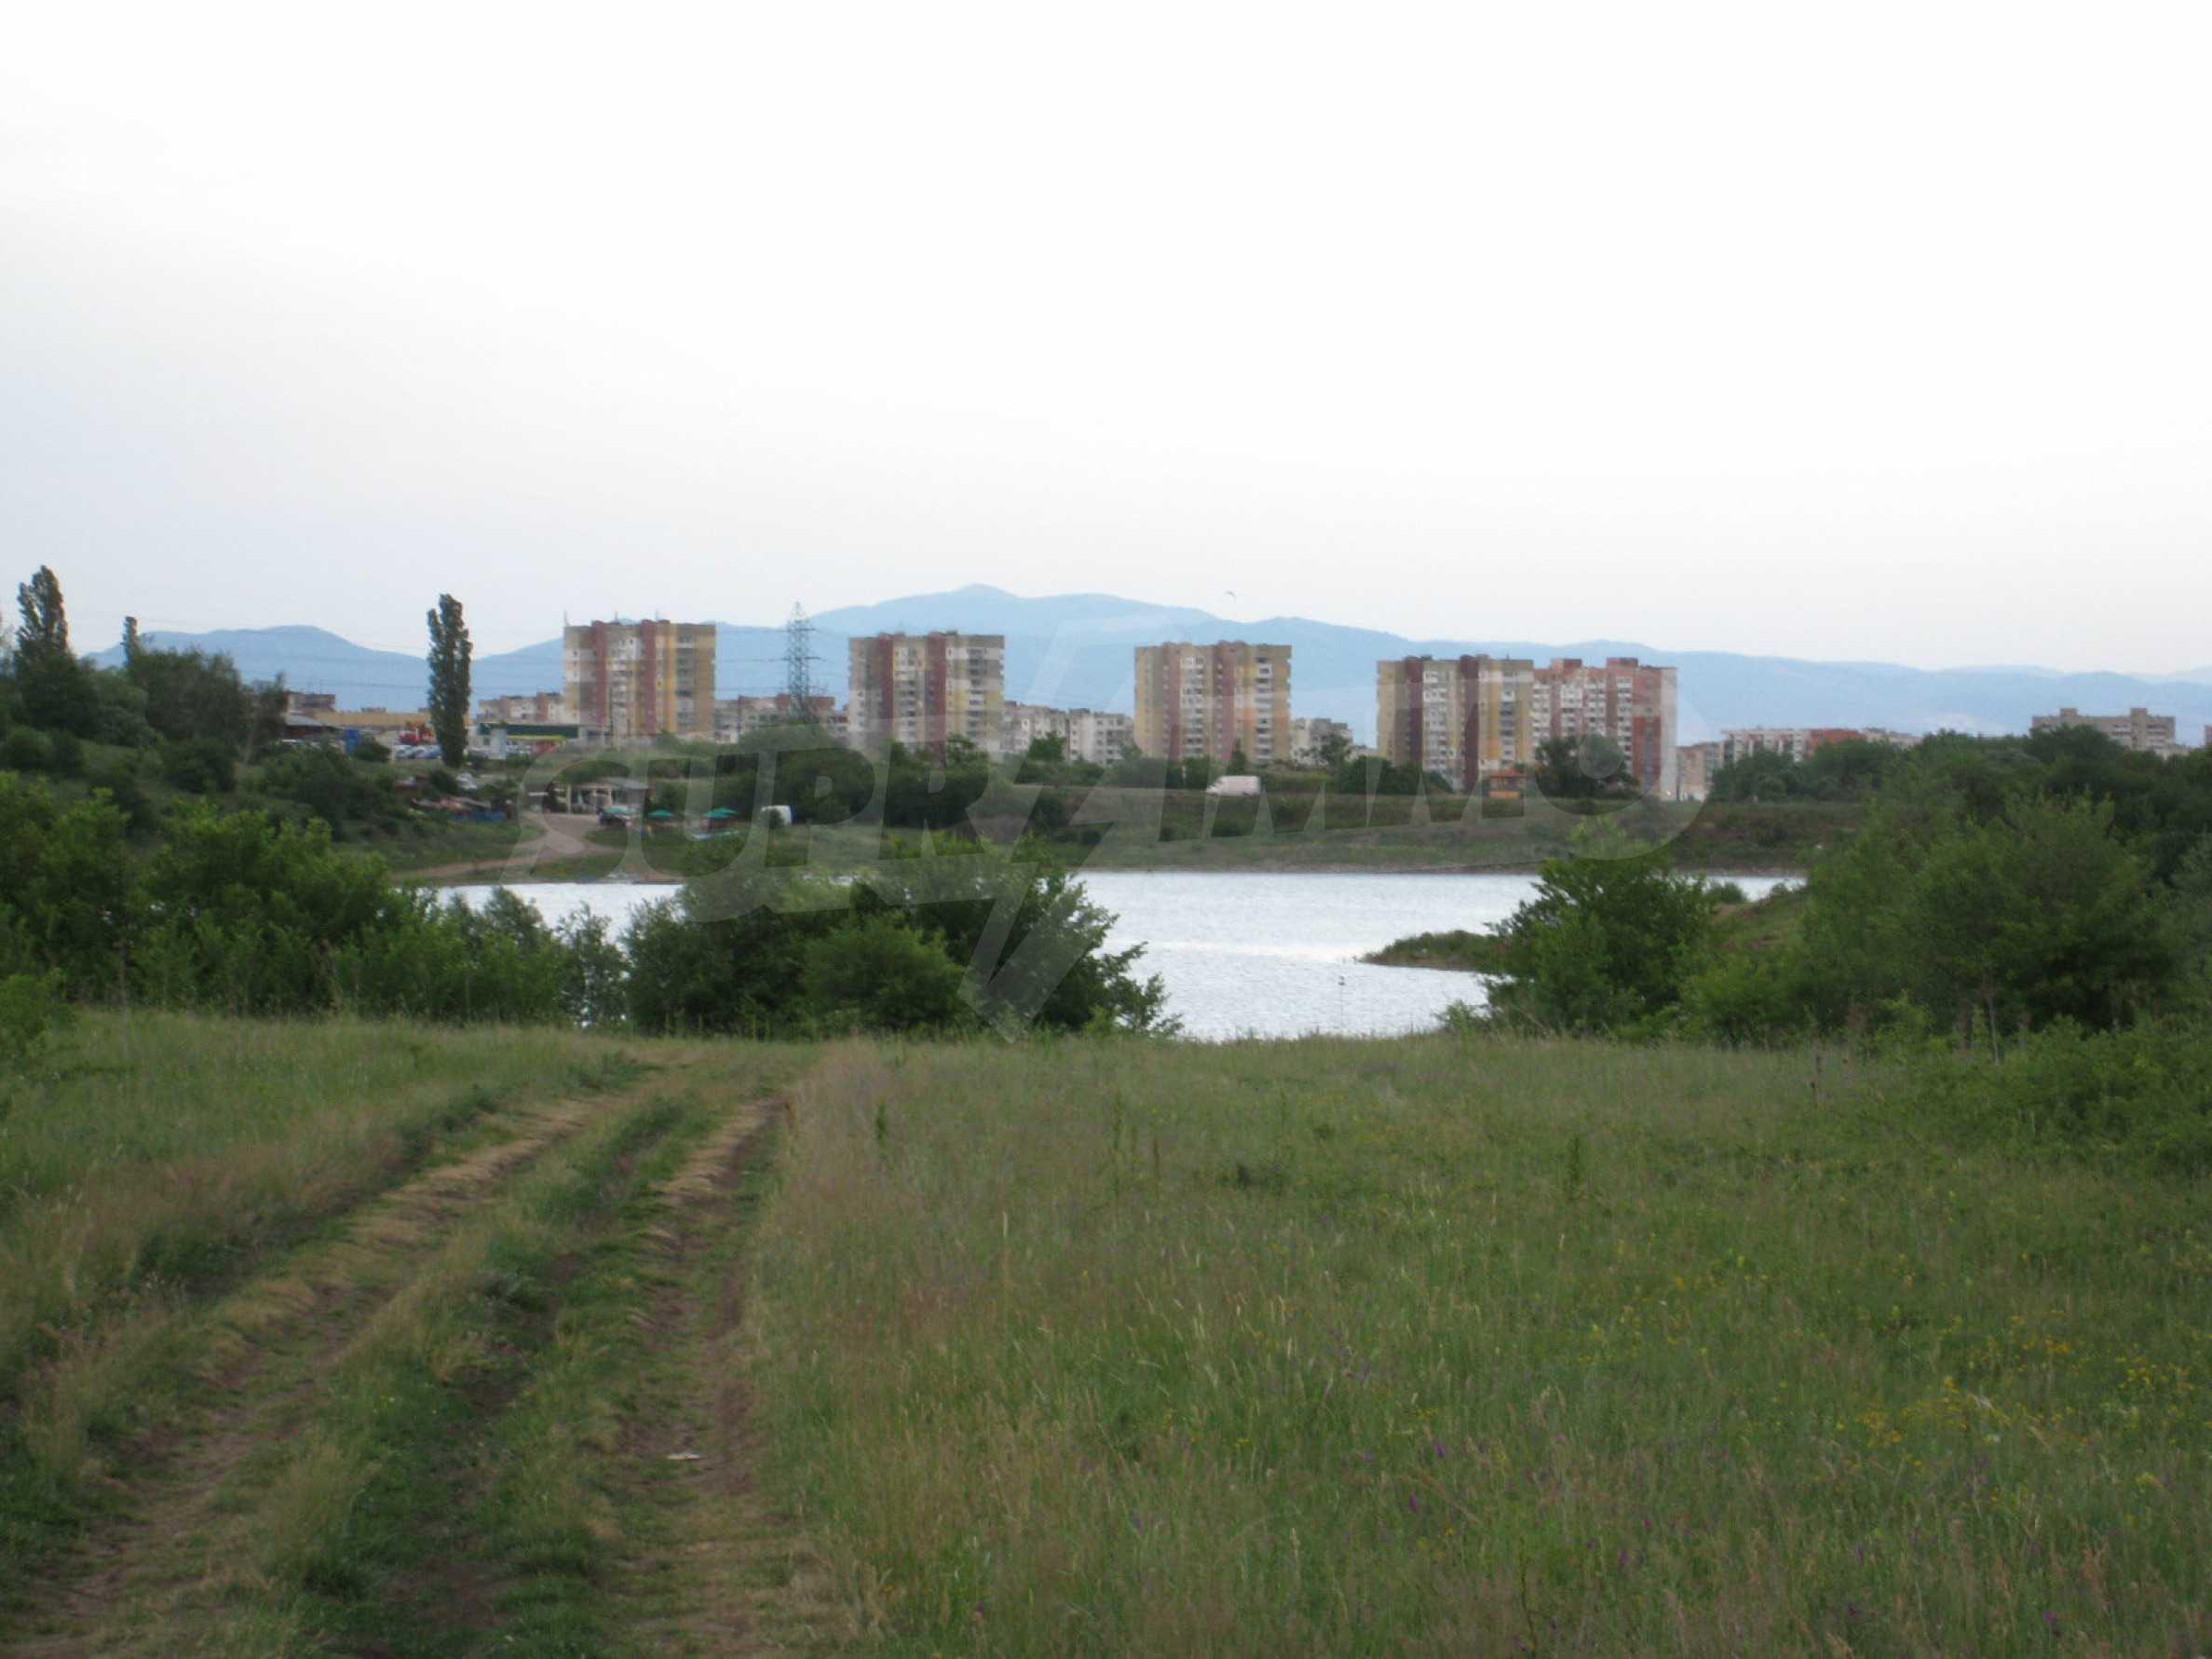 Ackerland in der Nähe eines Sees in Suhodol 24